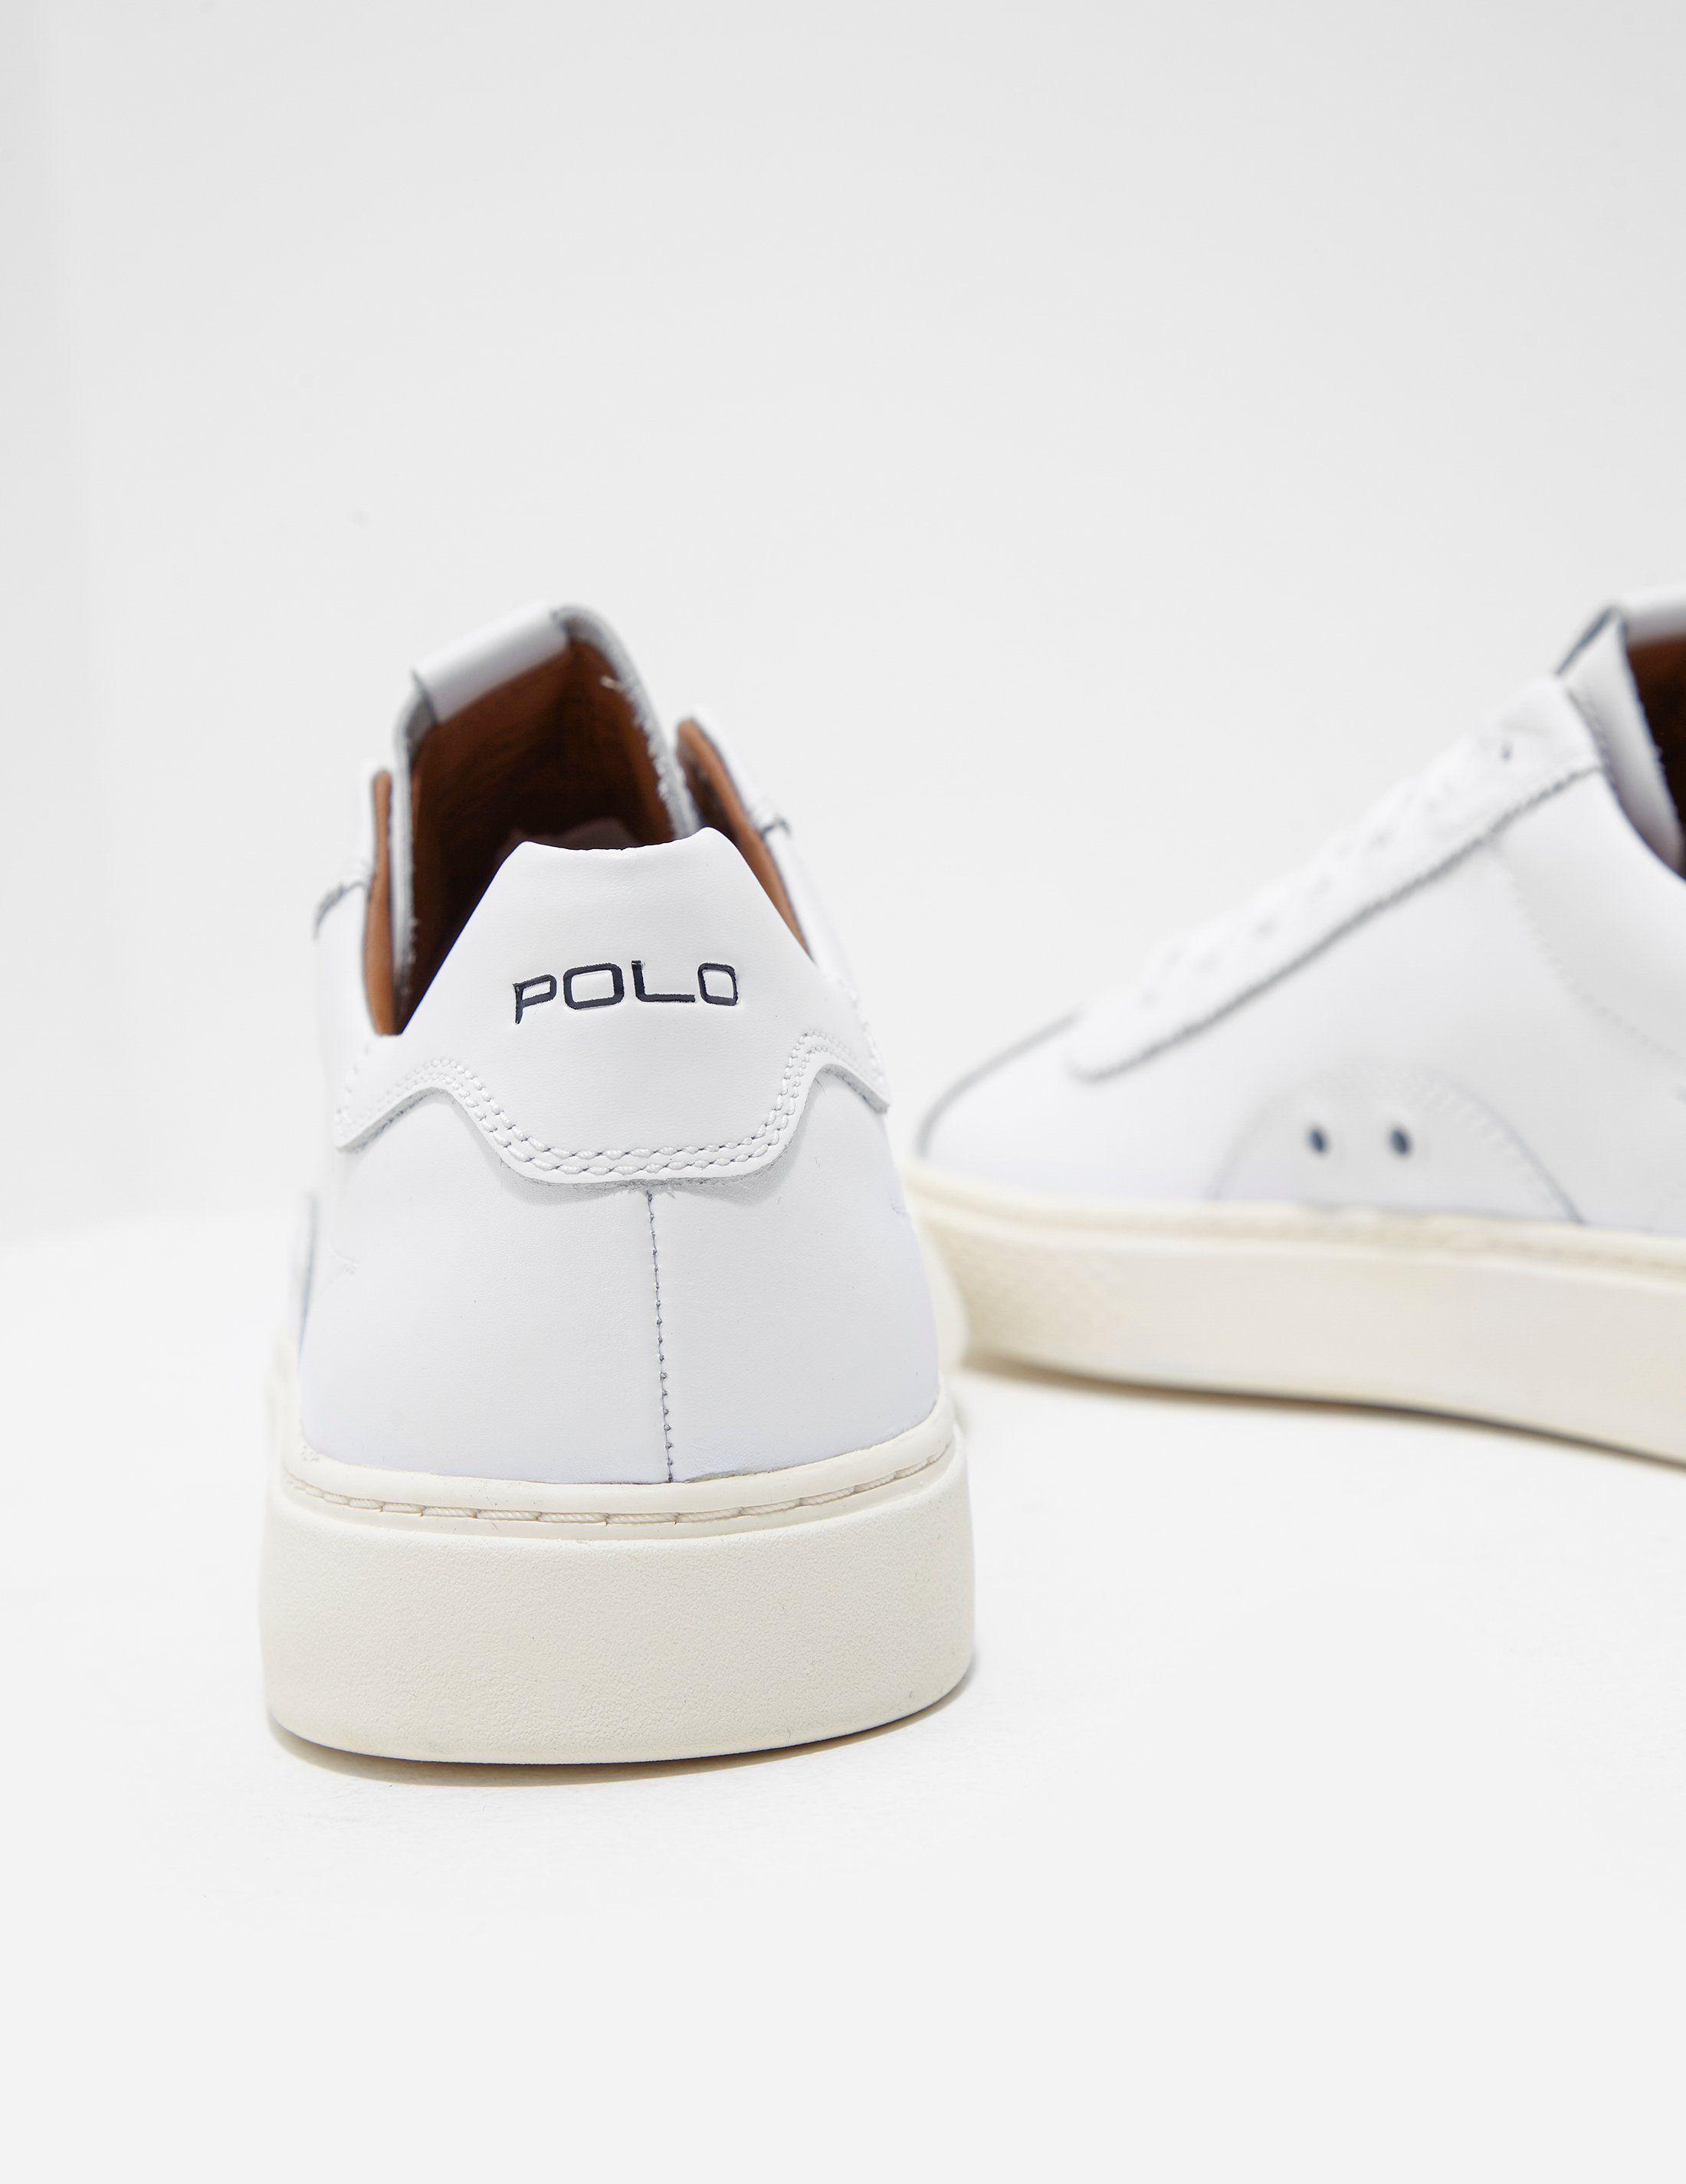 Polo Ralph Lauren Court 100 - Online Exclusive